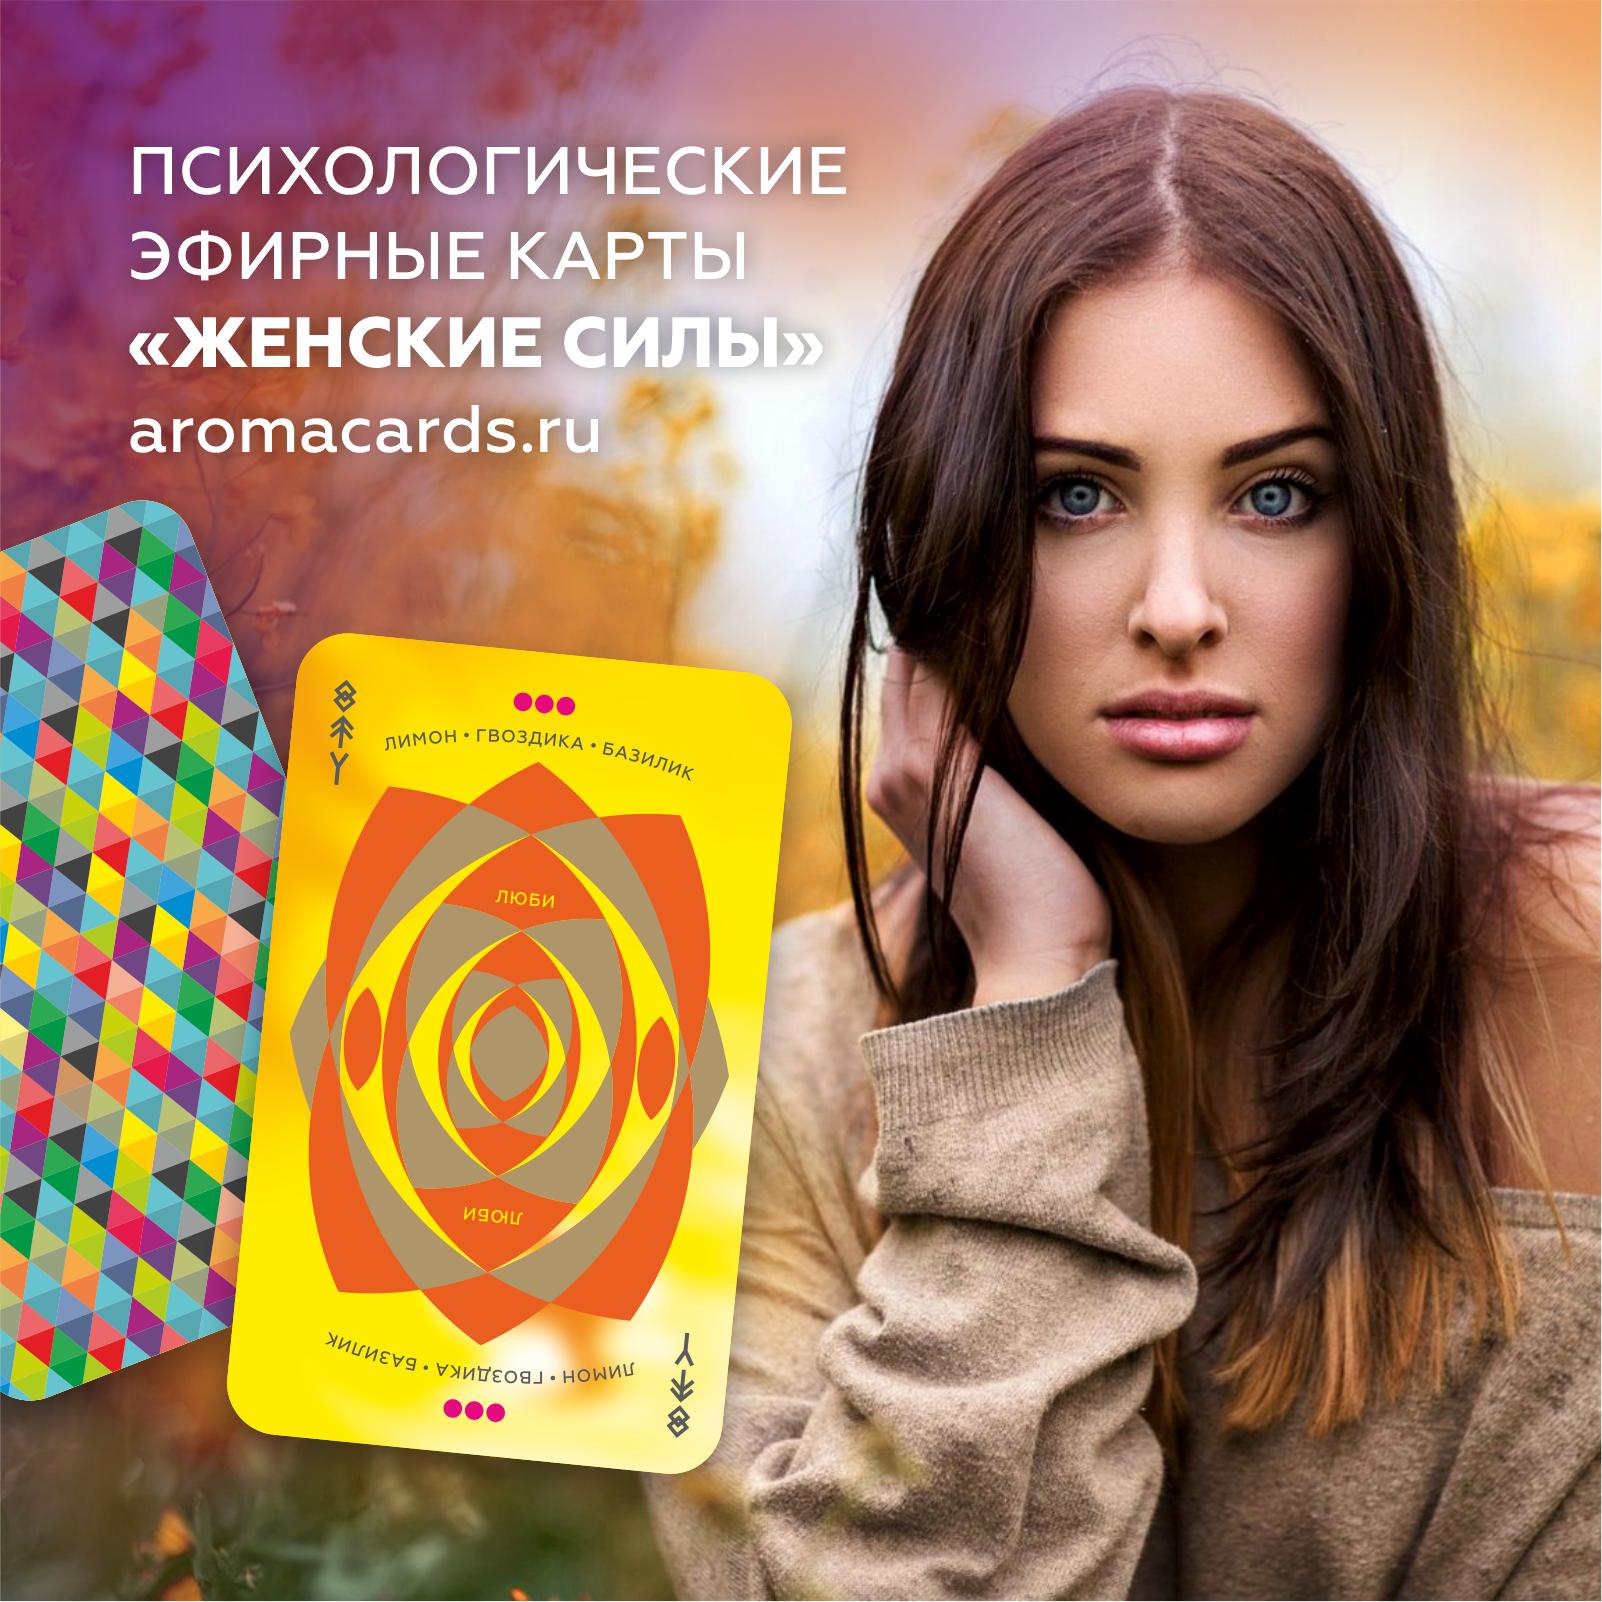 Новые психологические Аромакарты «Женские Силы»: доступен предзаказ